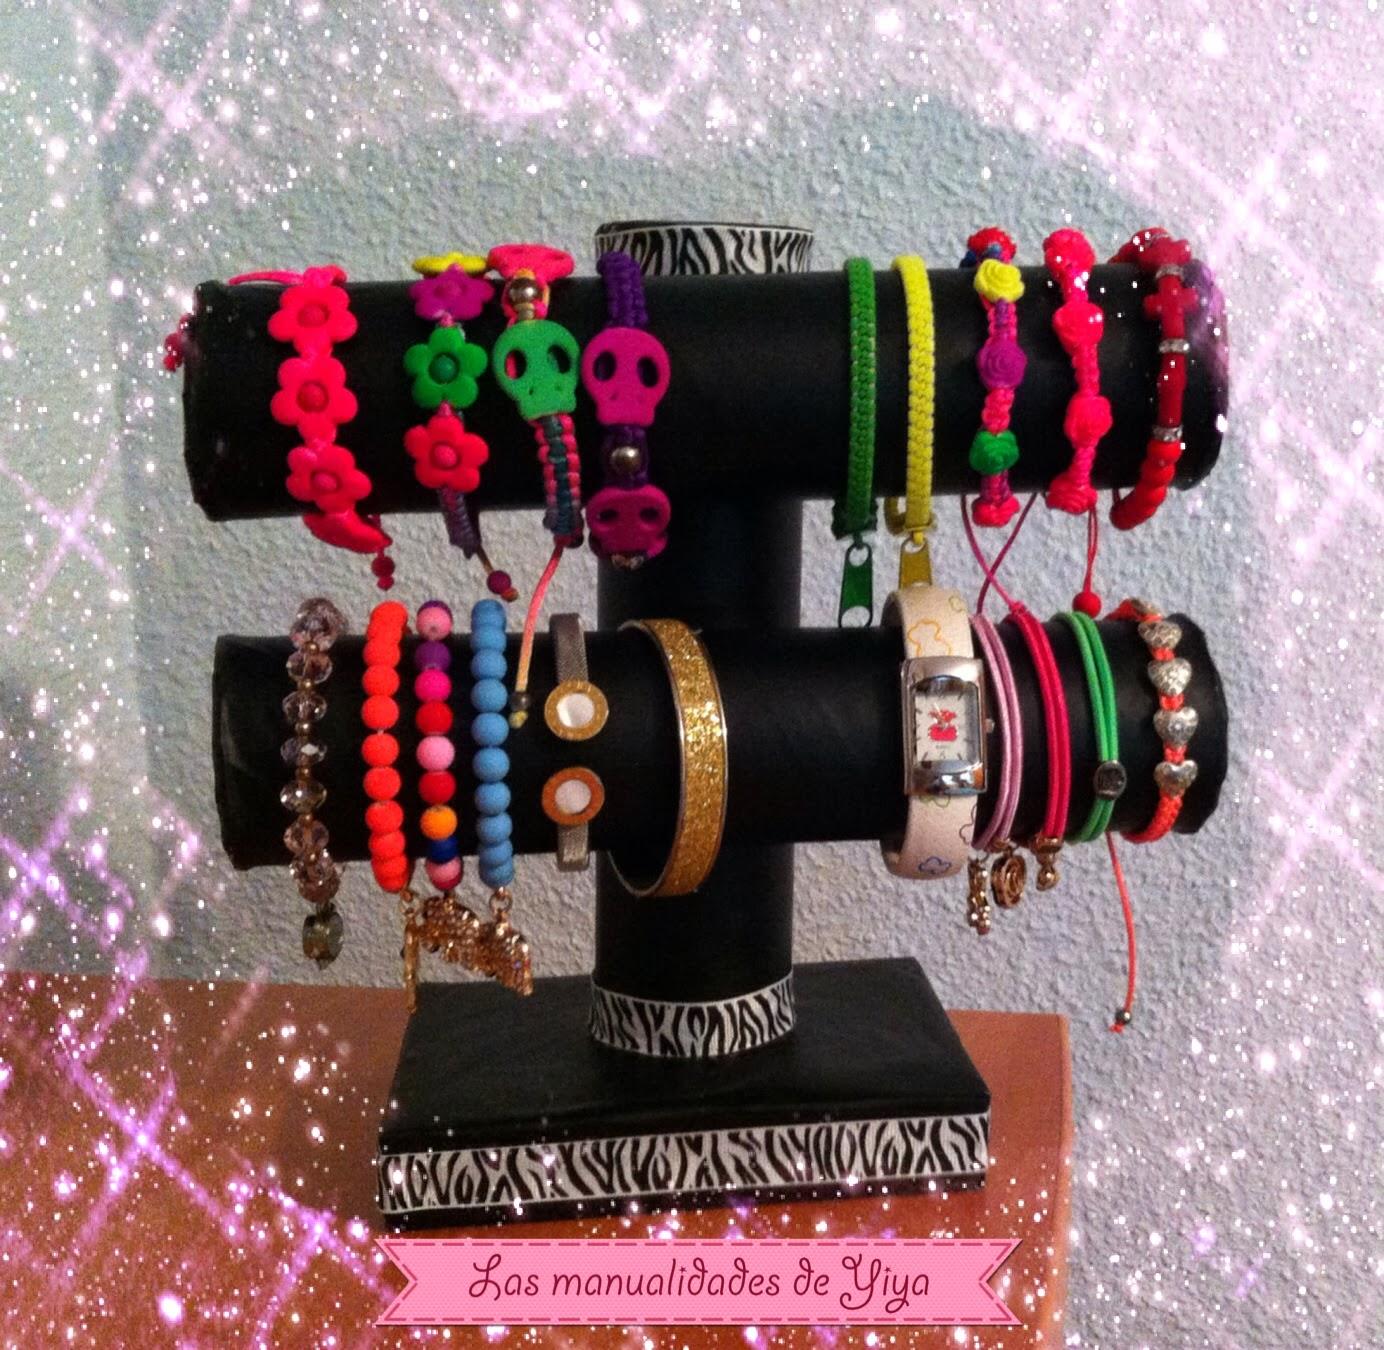 Las manualidades de yiya organizador de pulseras y relojes - Manualidades relojes de pared ...